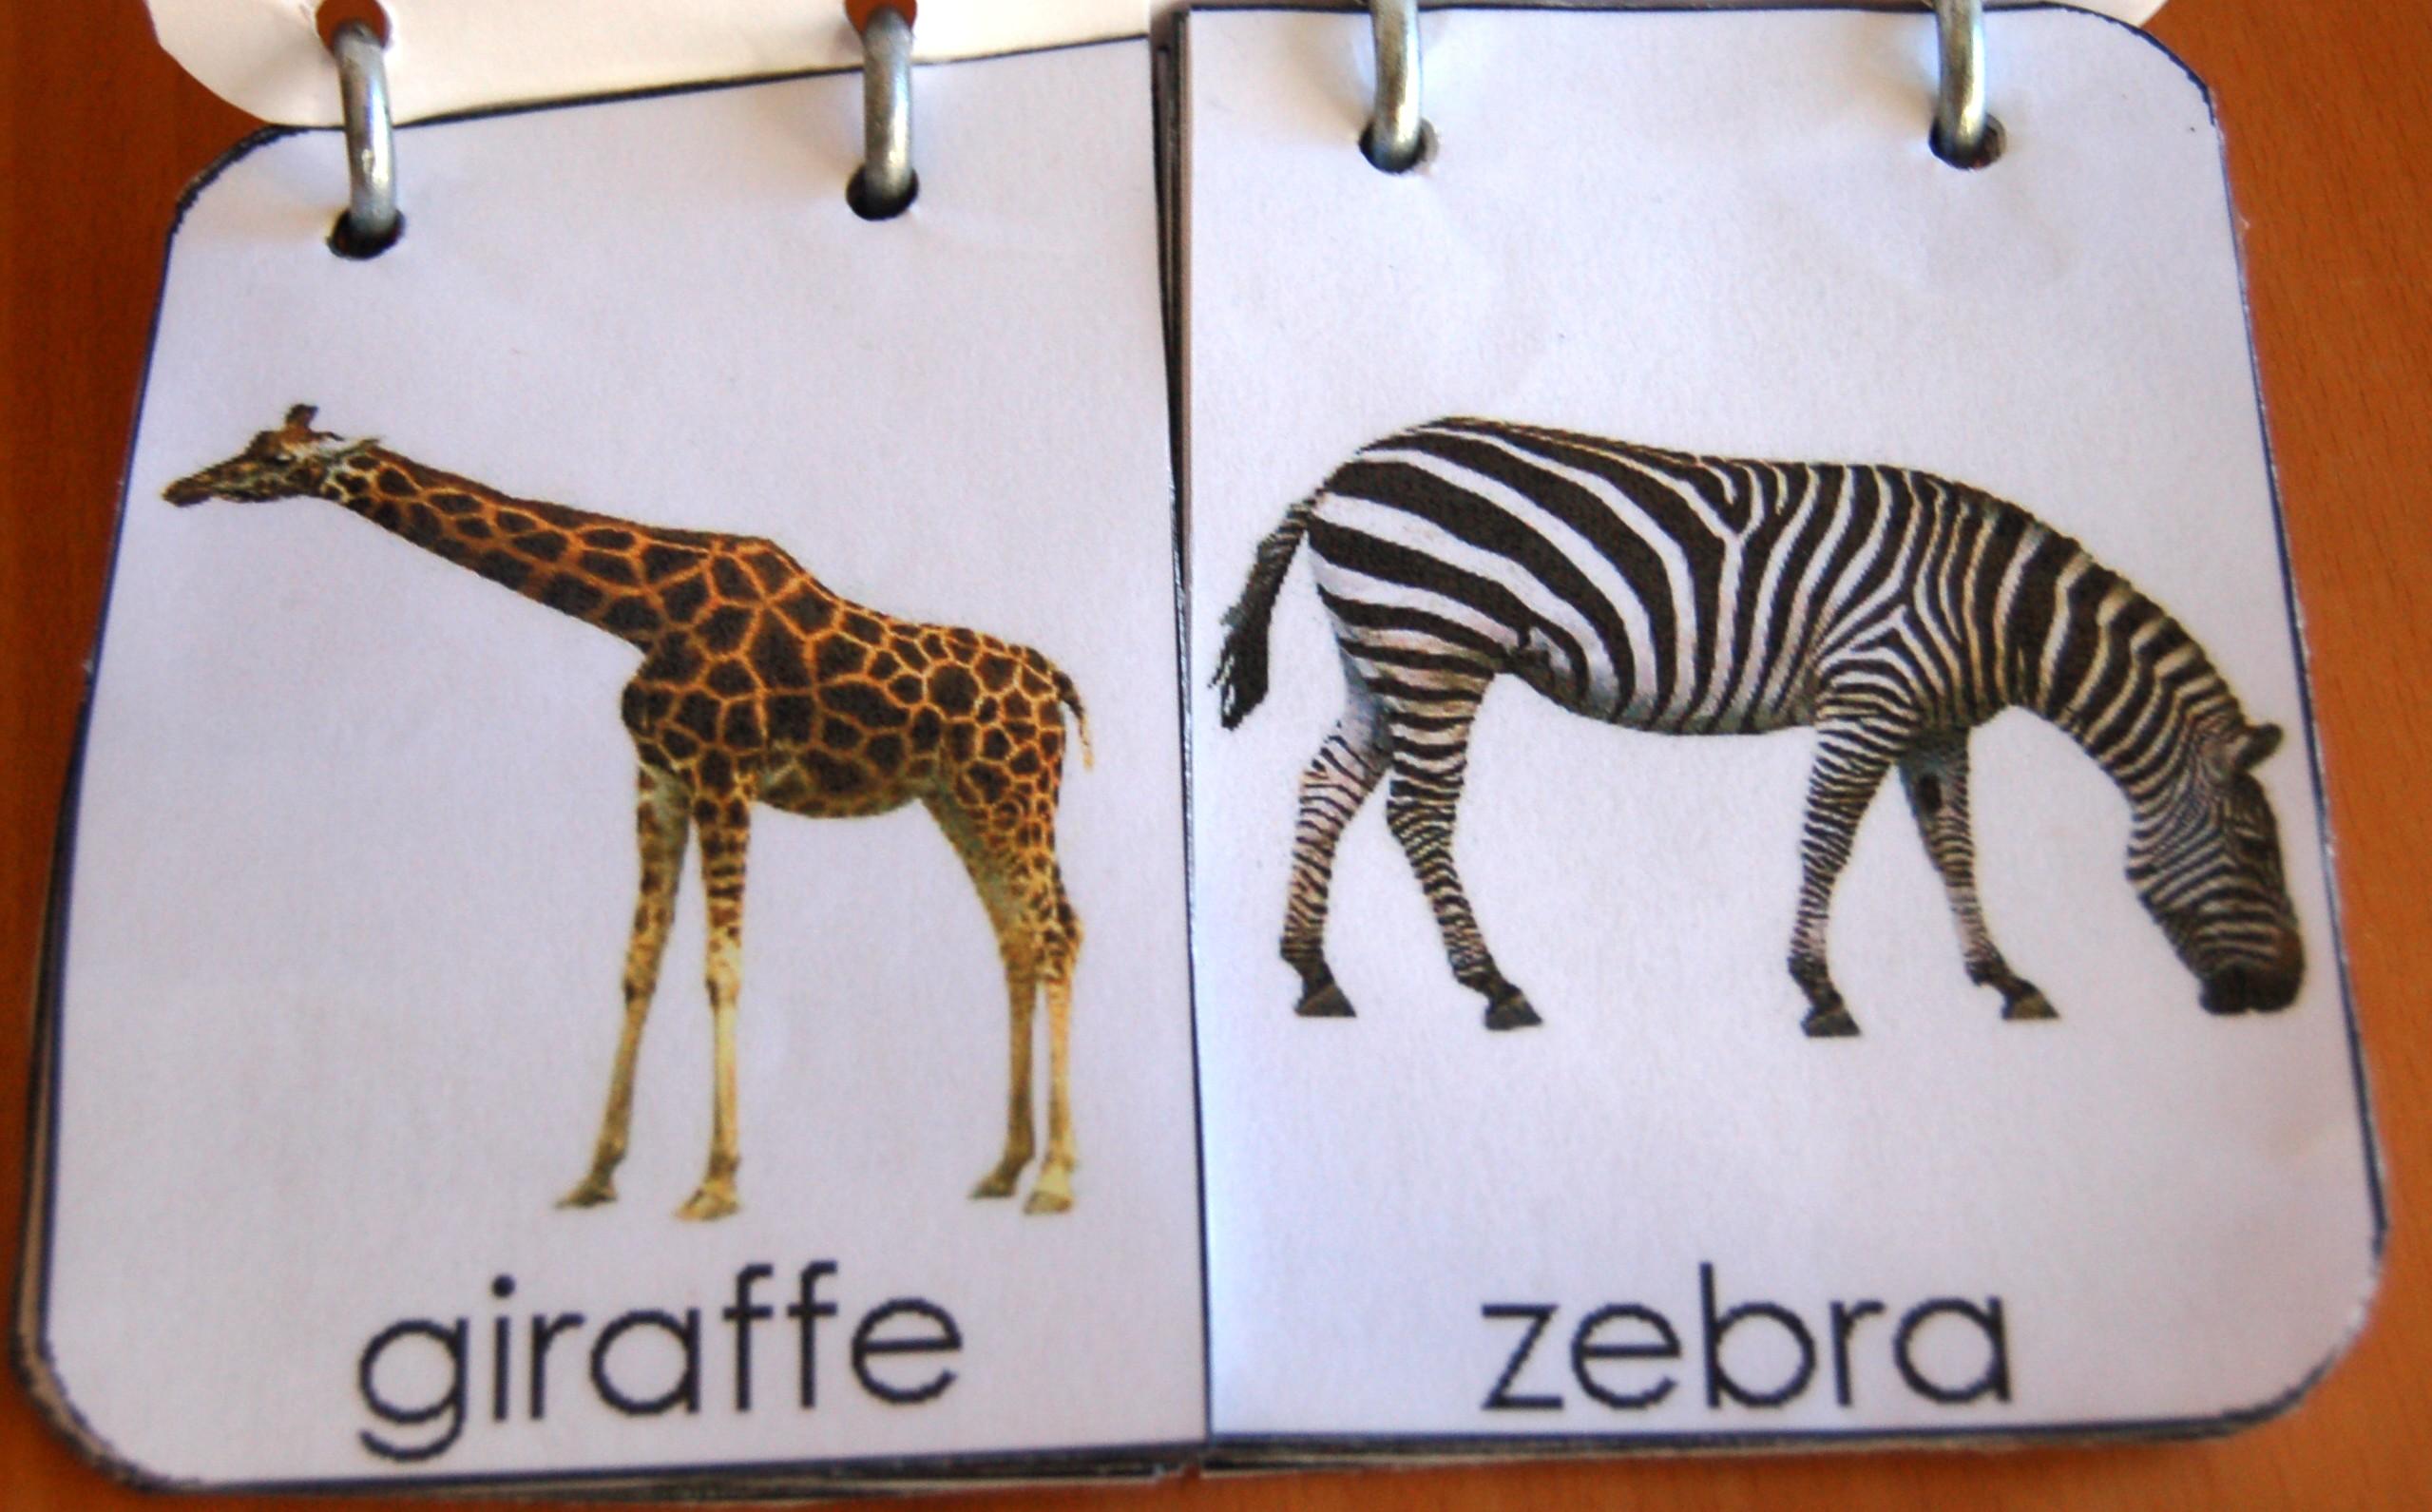 Lo zoo e gli animali libri ed attivit per bambini - Libro da colorare elefante libro ...